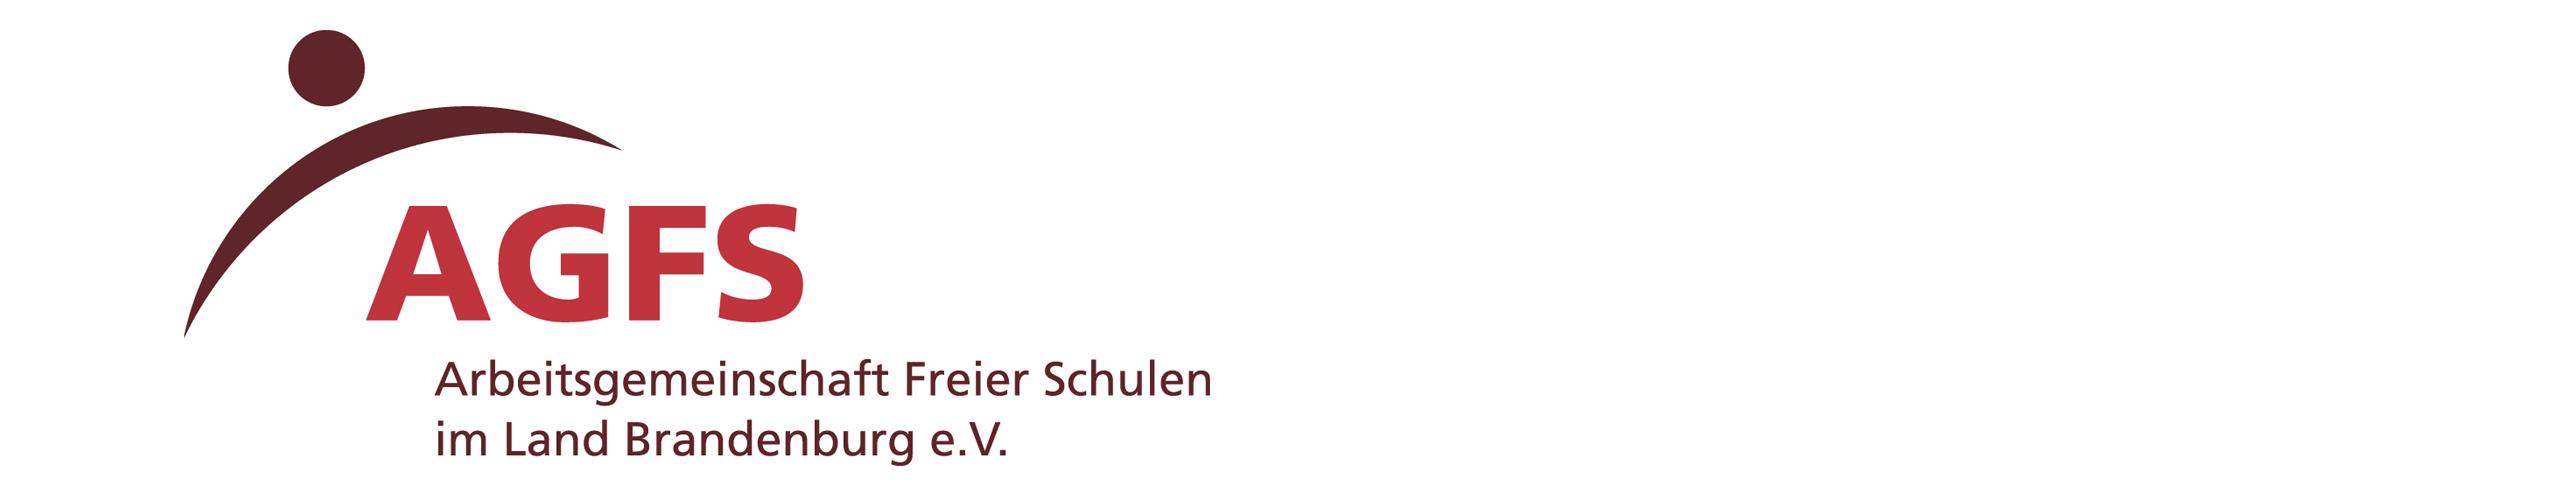 Arbeitsgemeinschaft Freier Schulen im Land Brandenburg